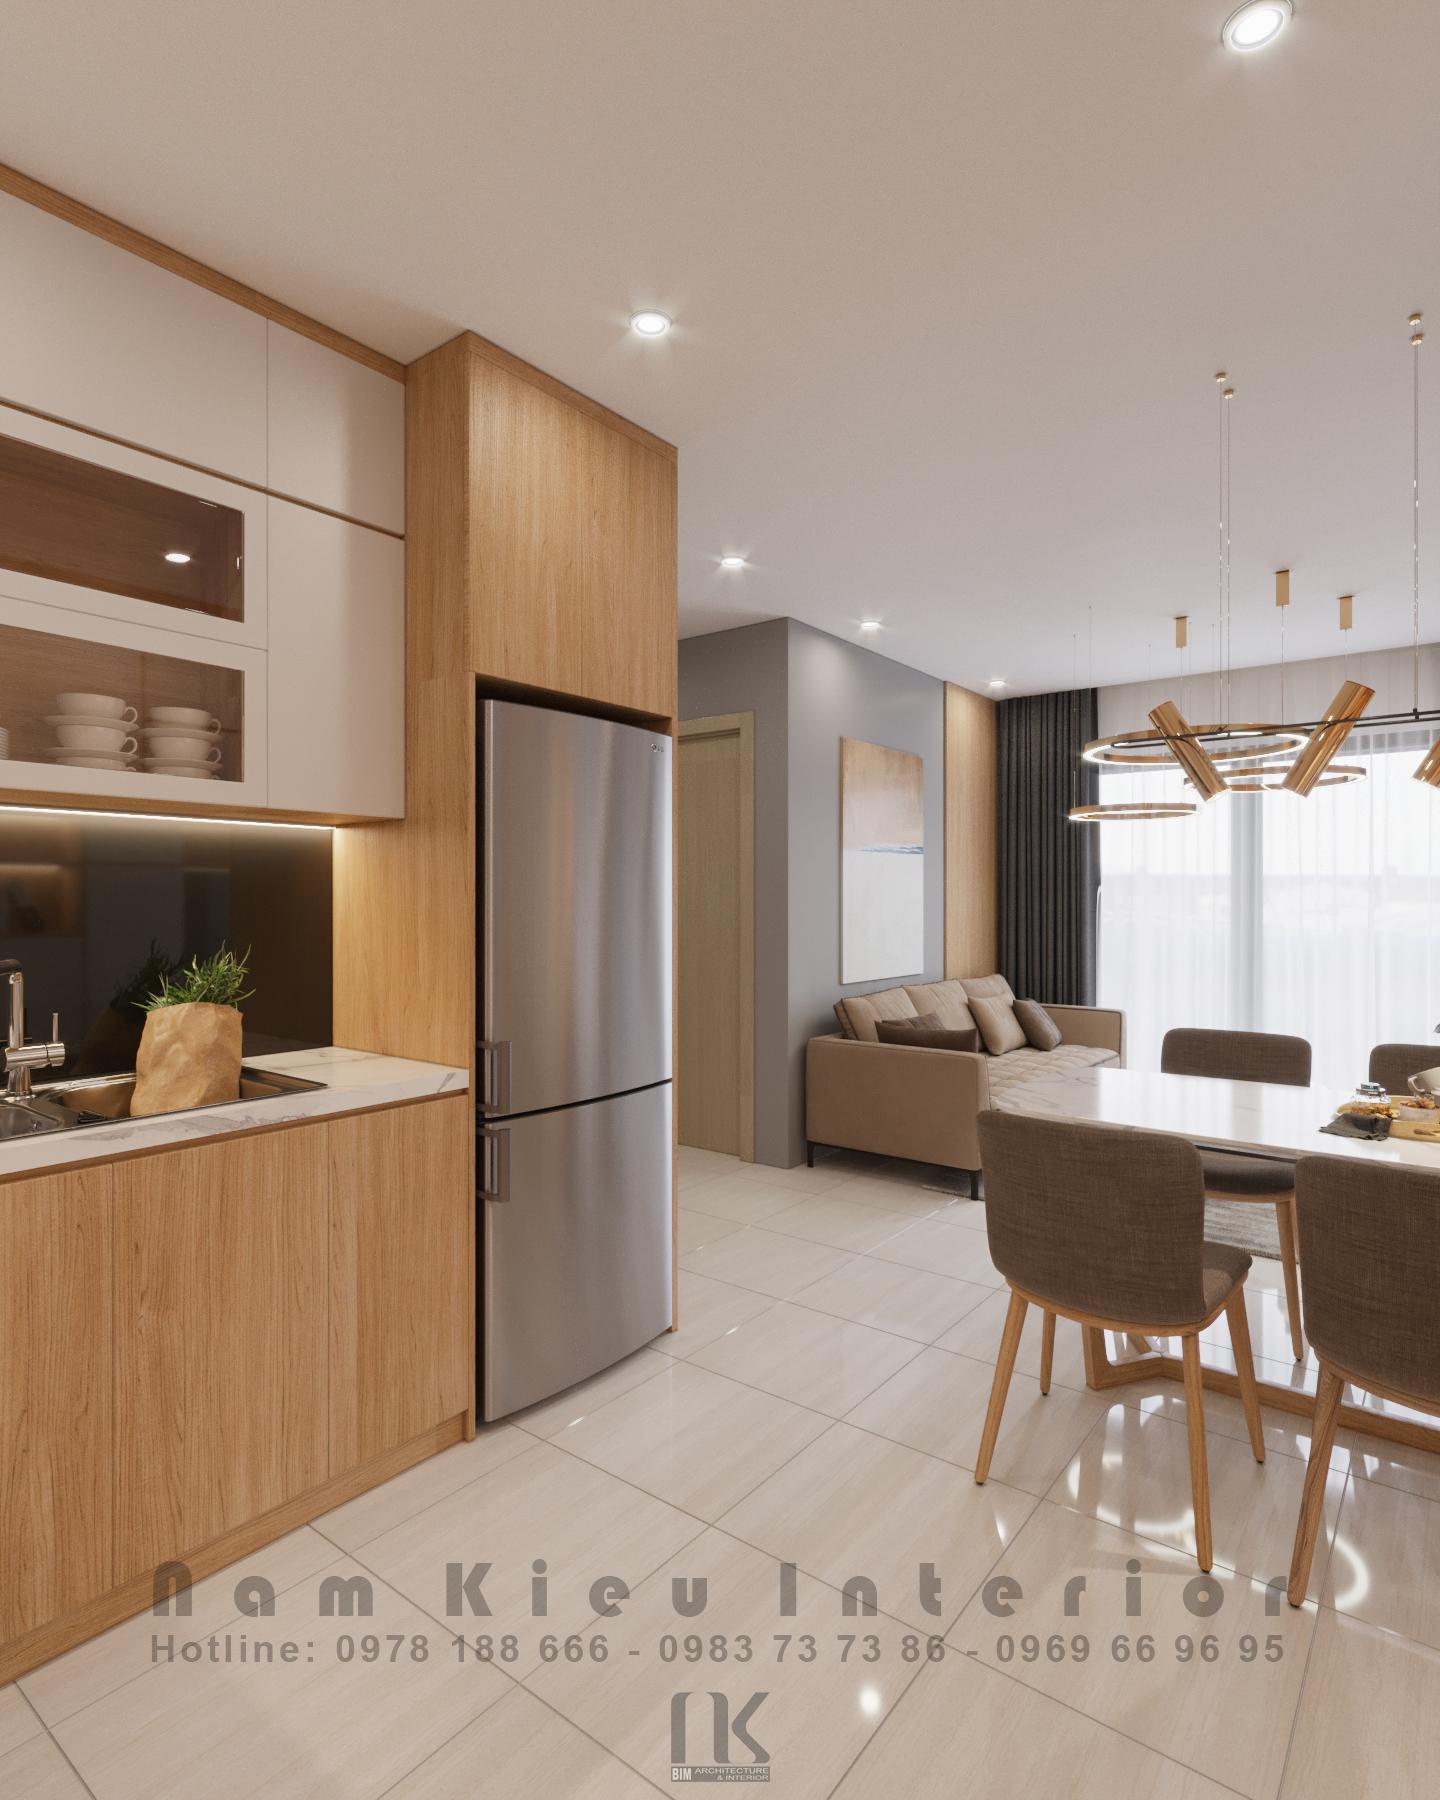 Thiết kế nội thất Chung Cư tại Hà Nội Căn hộ 2PN tại chung cư Vinhomes Smart City 1590635776 1